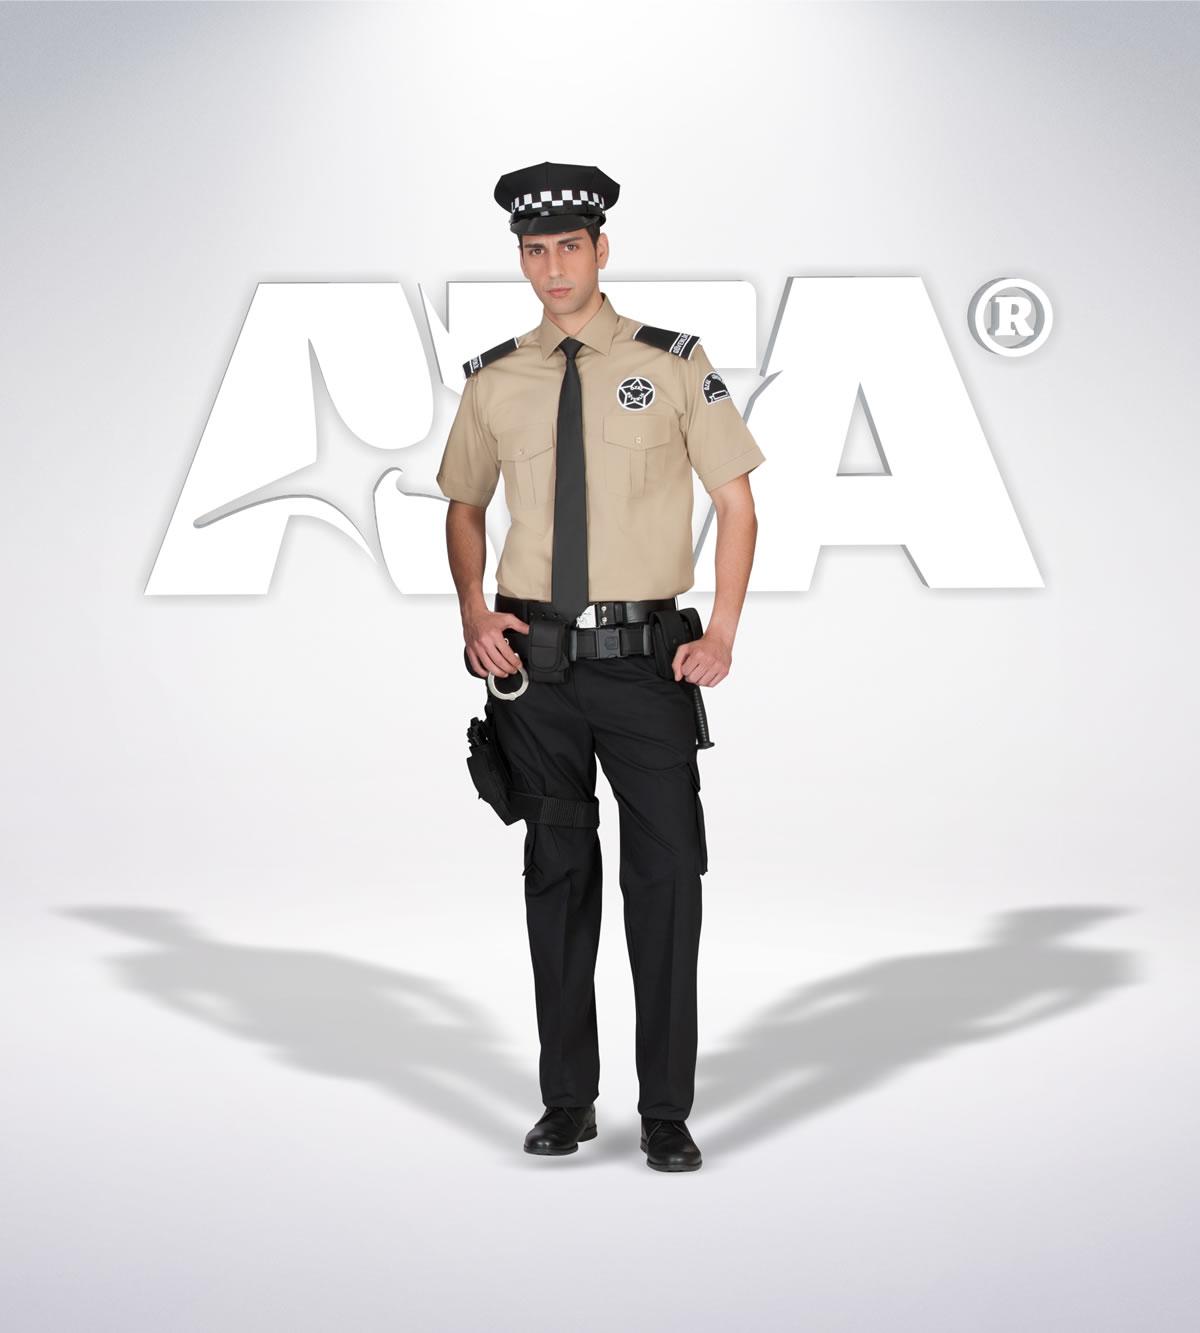 ATA 141 - Ribstop kumaş pantolon - gömlek yazlık-kışlık - aksesuar - güvenlik elbiseleri | güvenlik üniformaları | güvenlik kıyafetleri